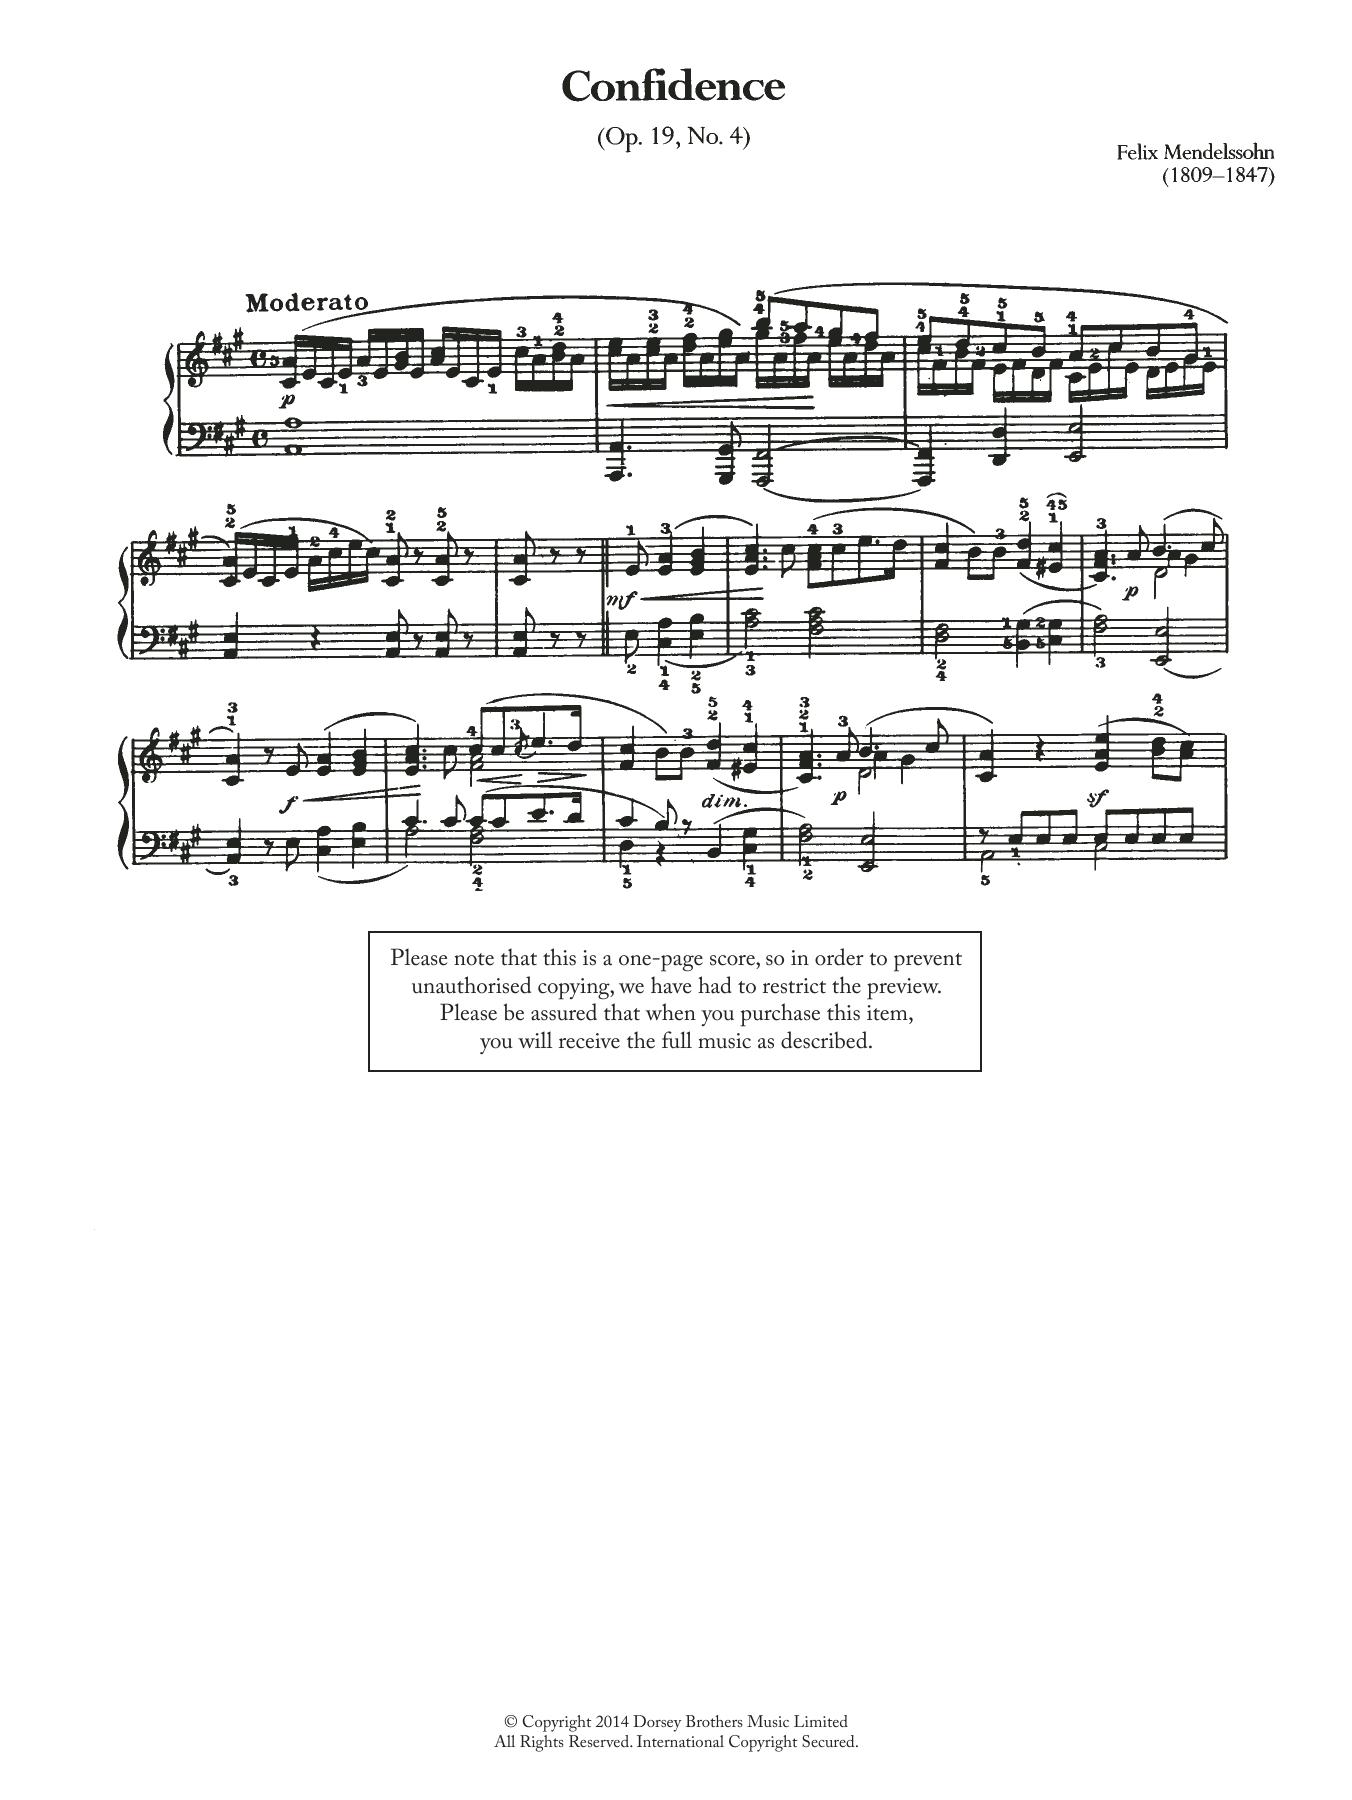 Felix Mendelssohn - Confidence Op.19, No.4